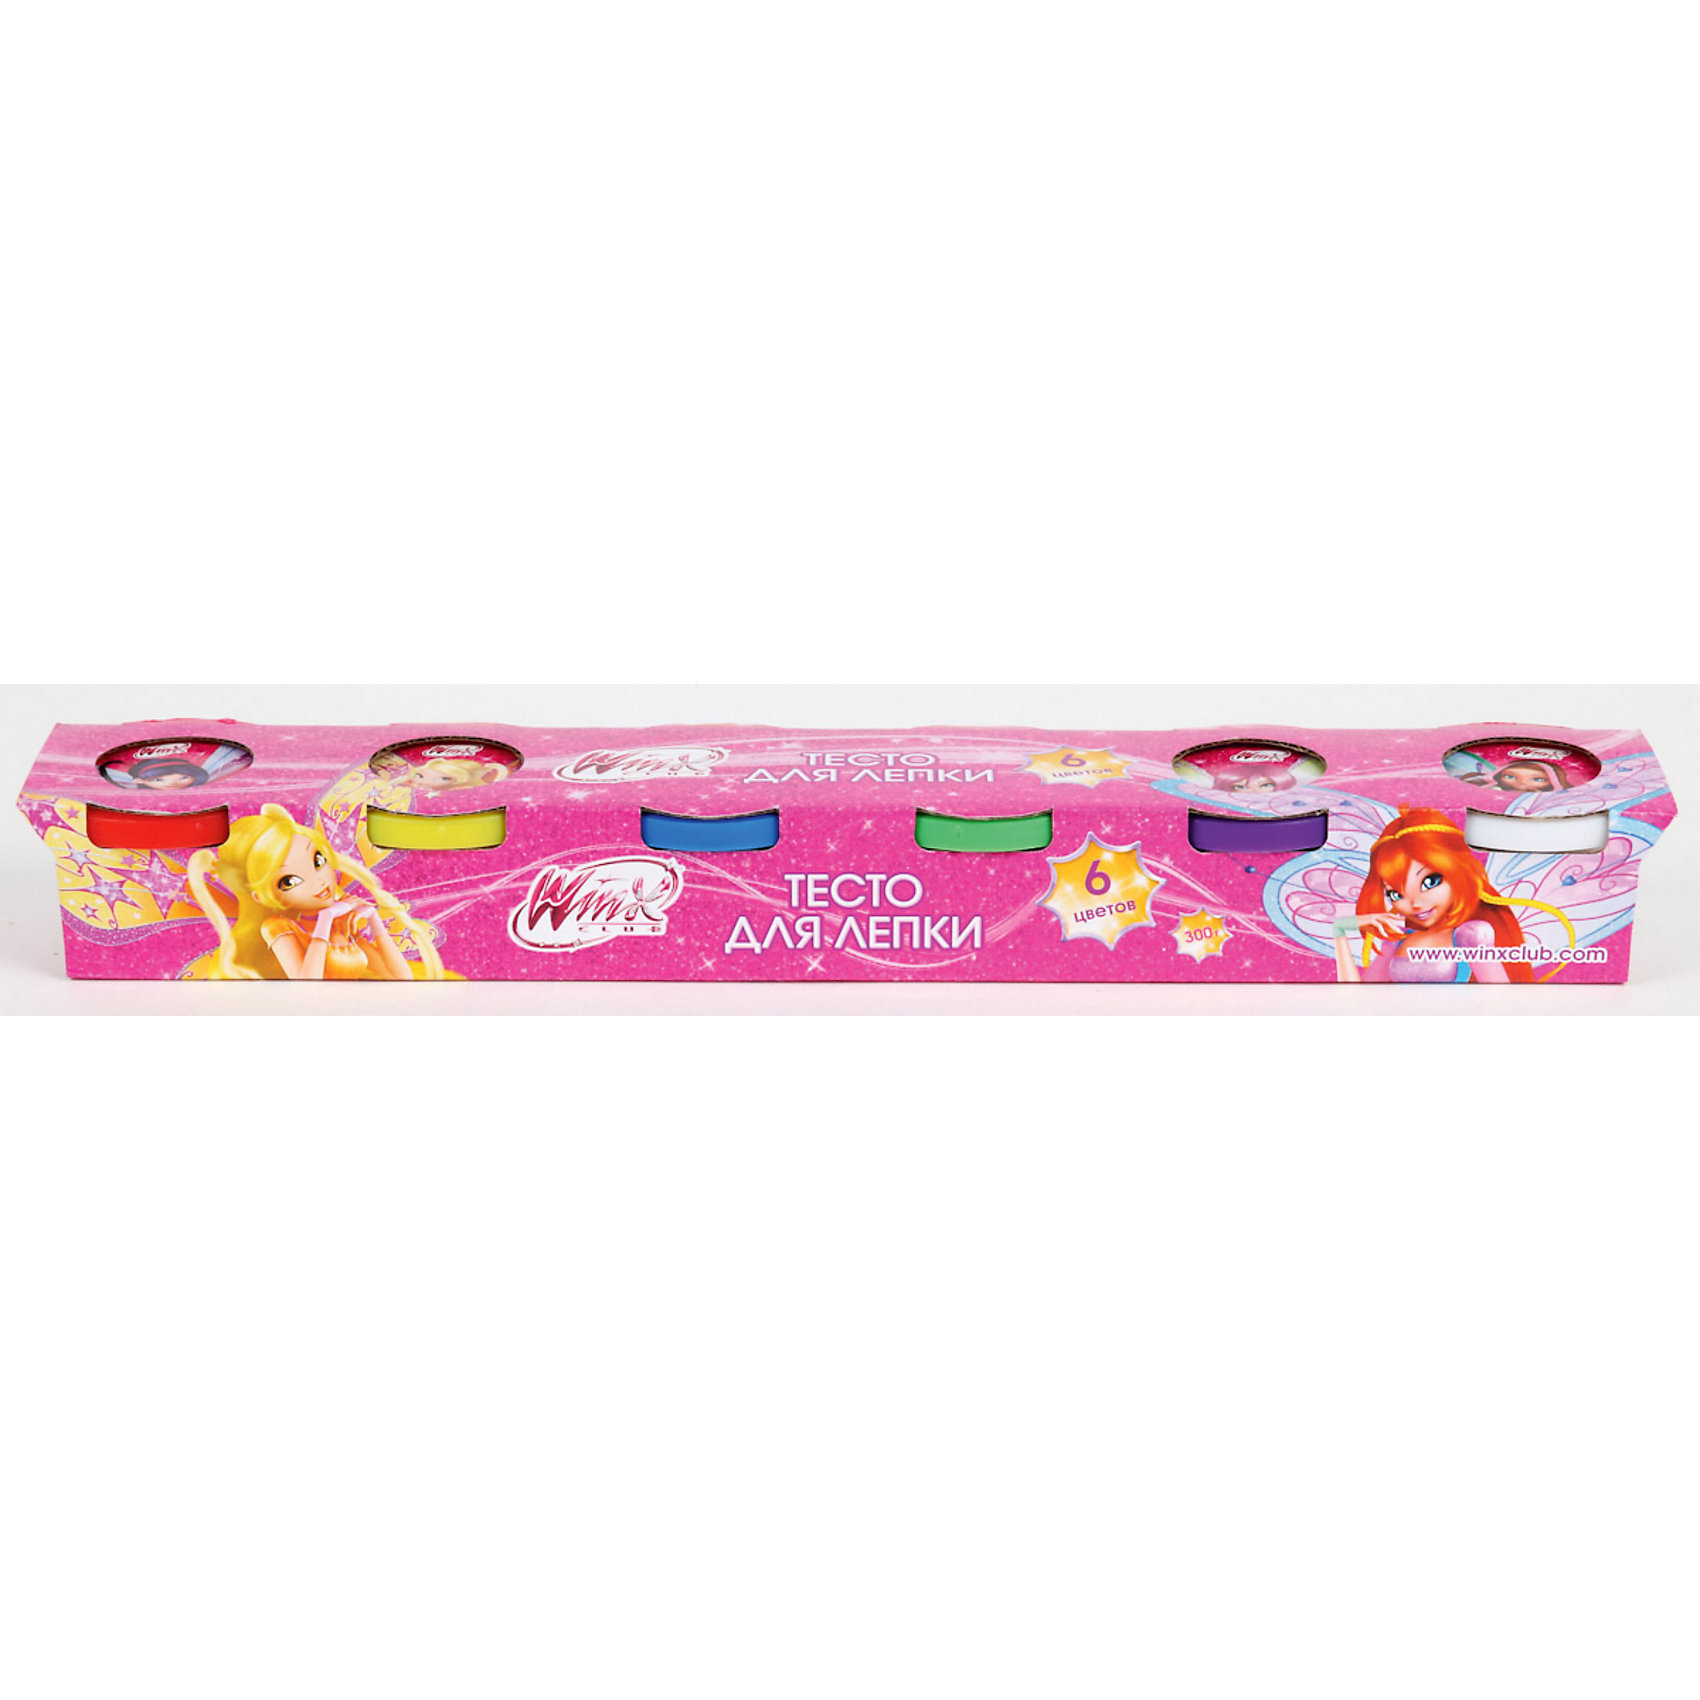 Умка Тесто для лепки,  Winx Club, 6 цветов наборы для лепки играем вместе масса для лепки winx украшения кольца